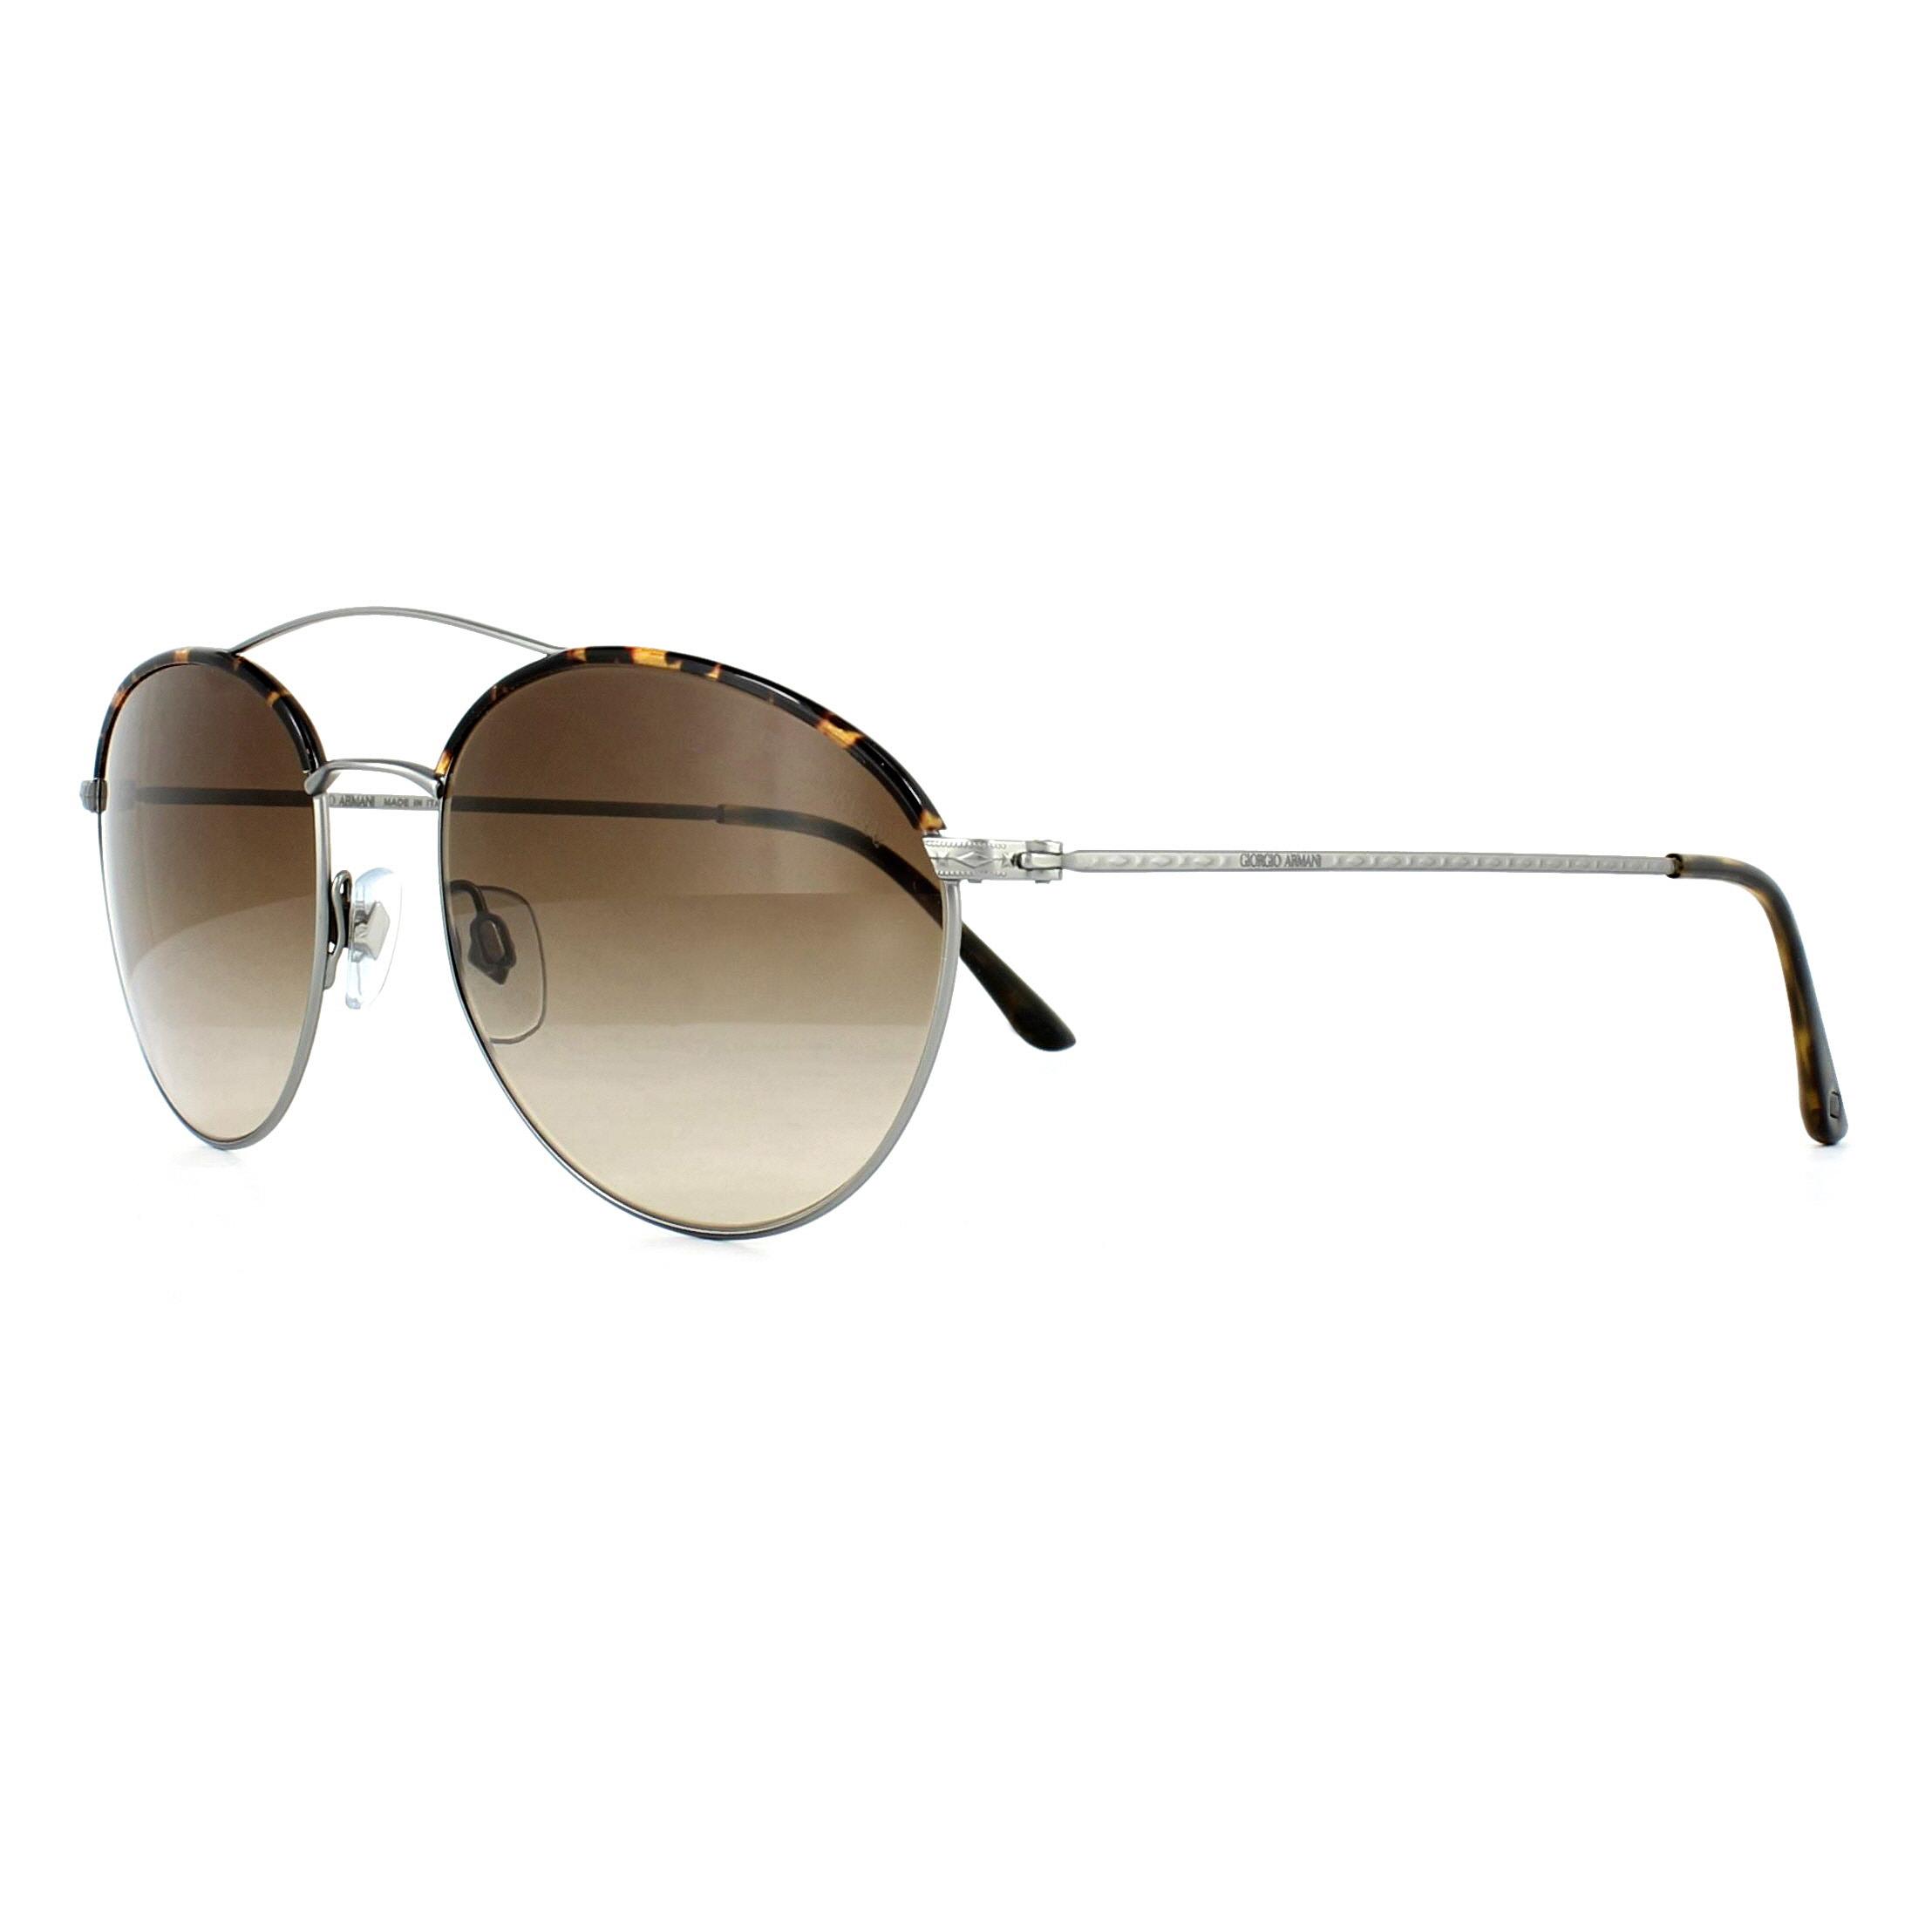 b1bcf18e7b7e Sentinel Giorgio Armani Sunglasses AR6032J 300313 Matte Gunmetal Brown  Gradient